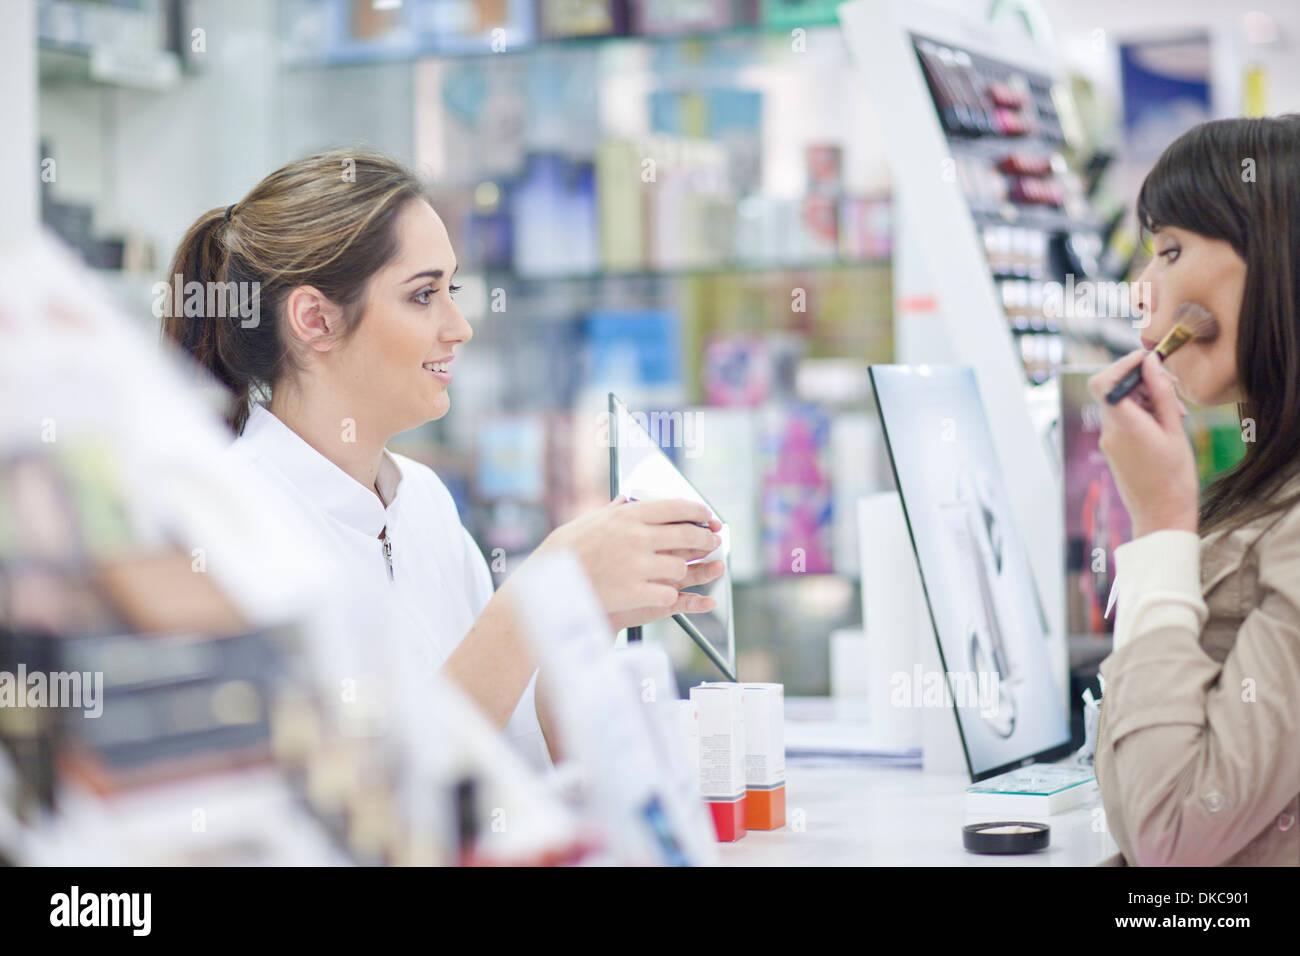 Shop assistant doing make up demonstration - Stock Image